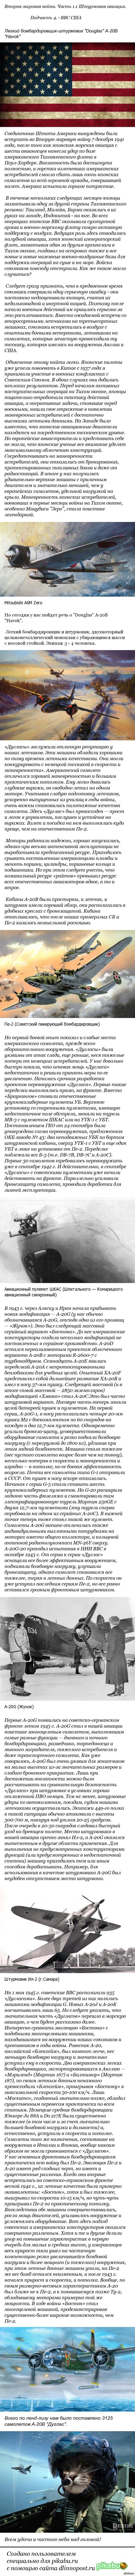 Военная авиация второй, первой мировых войн и послевоенного времени. Часть 1.1 - будет идти речь о штурмовиках разных стран.